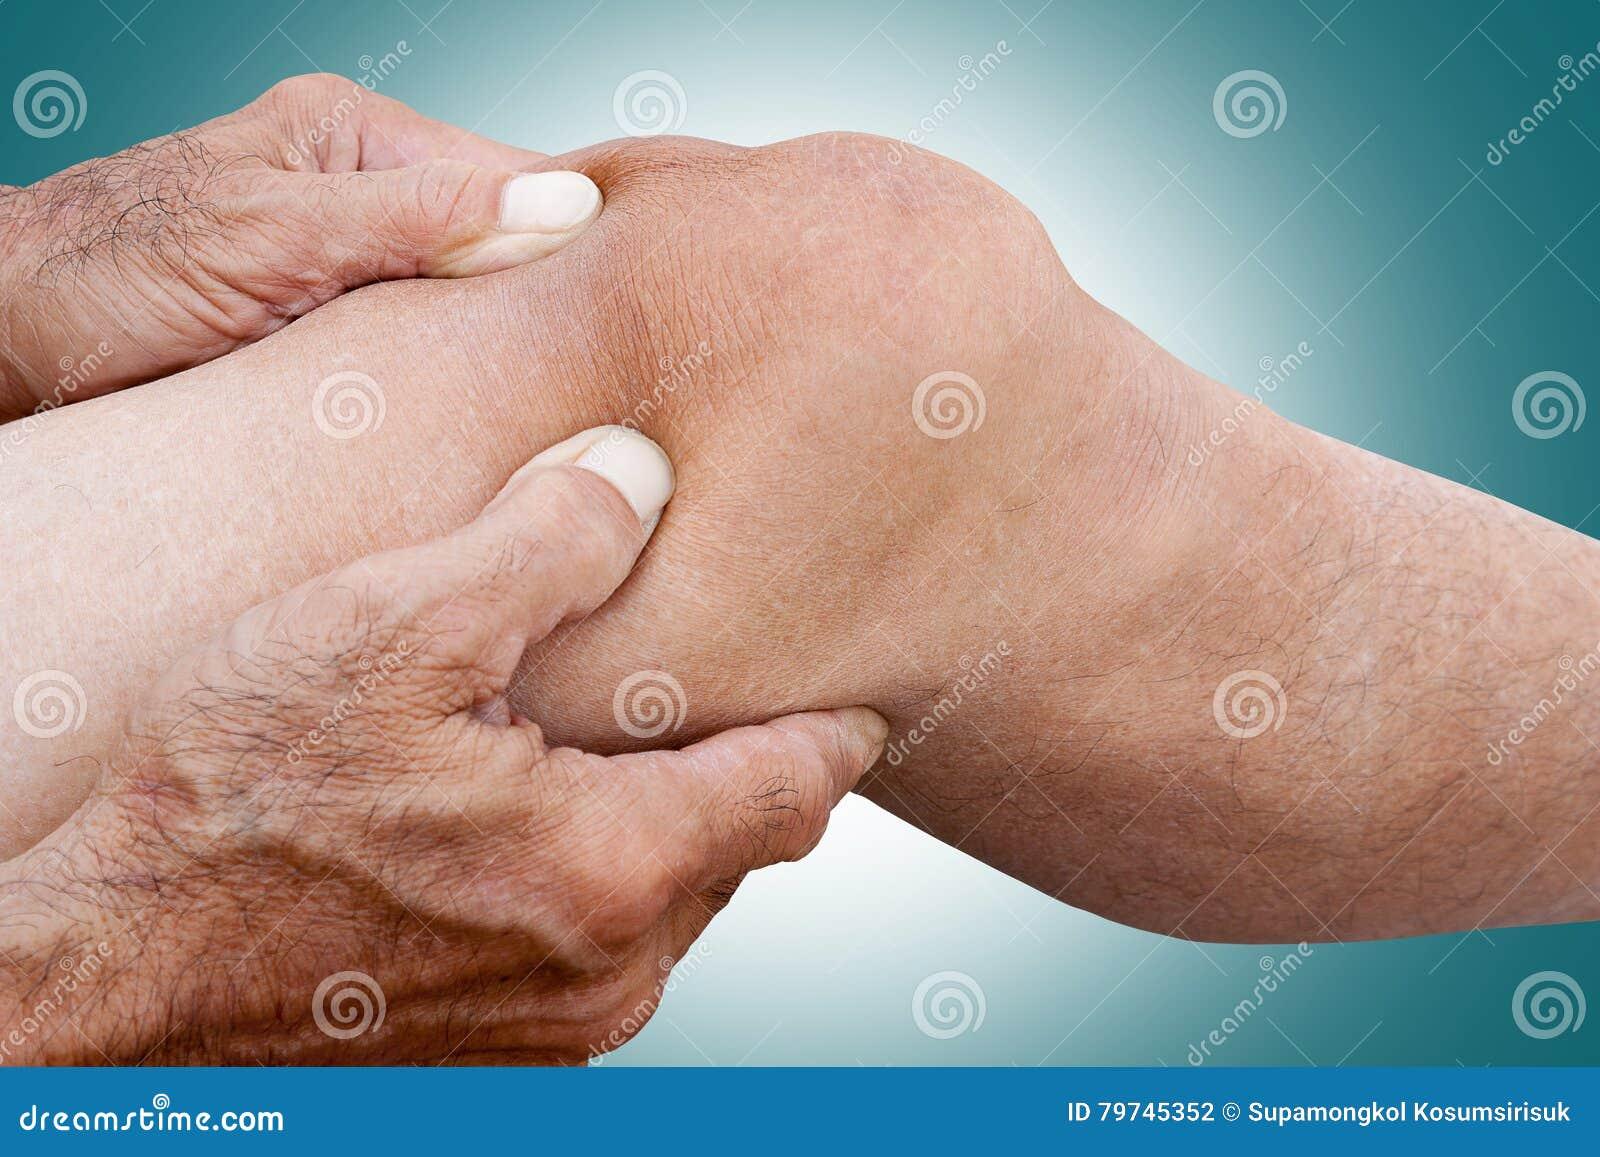 Los fingeres en el masaje linfático del drenaje del viejo hombre